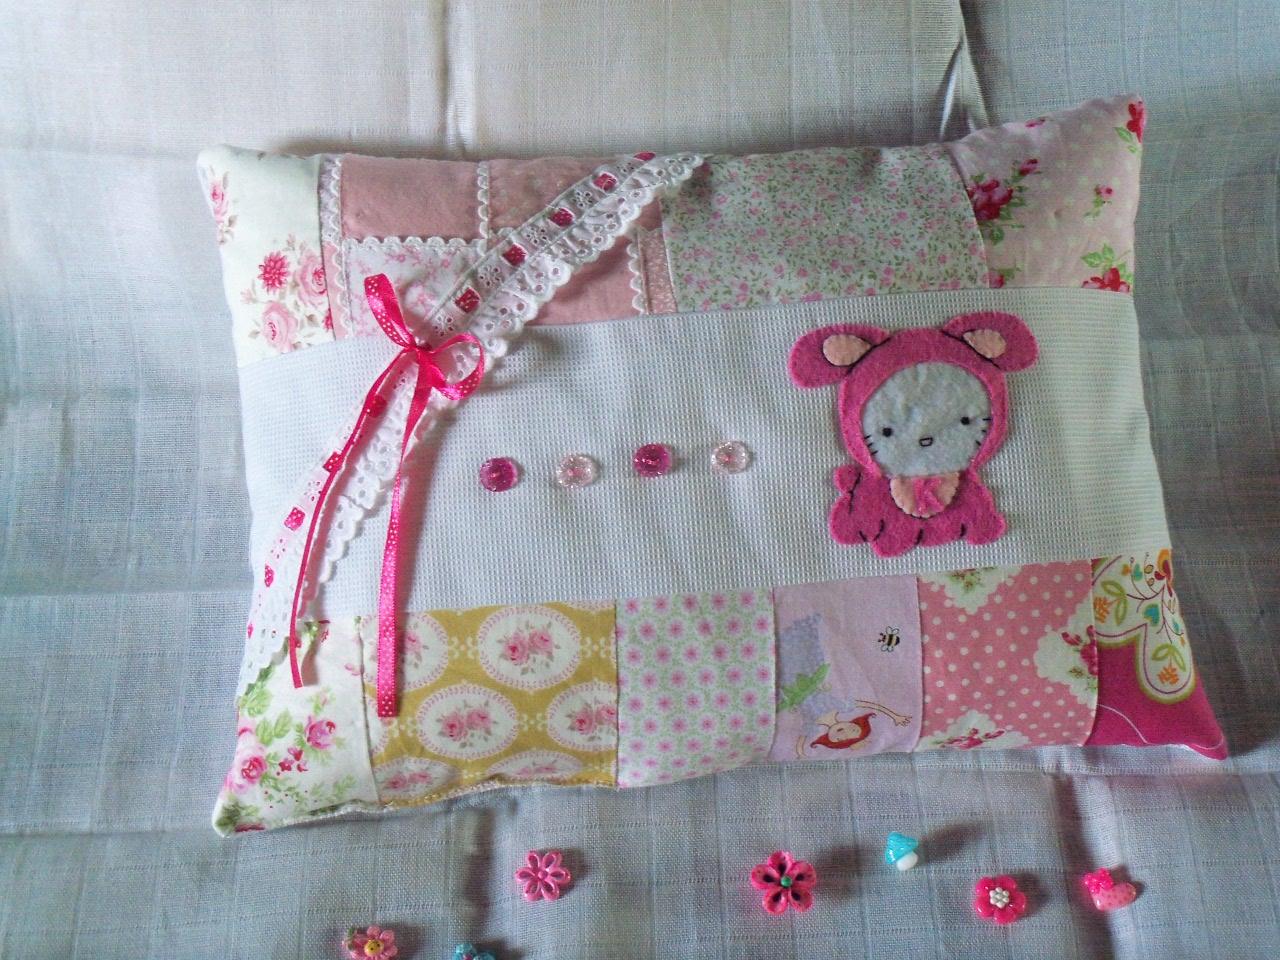 Aparador Adega Branco ~ L I N D A R T E Artesanato Urbano Almofadas decorativas para a caminha dos bébés